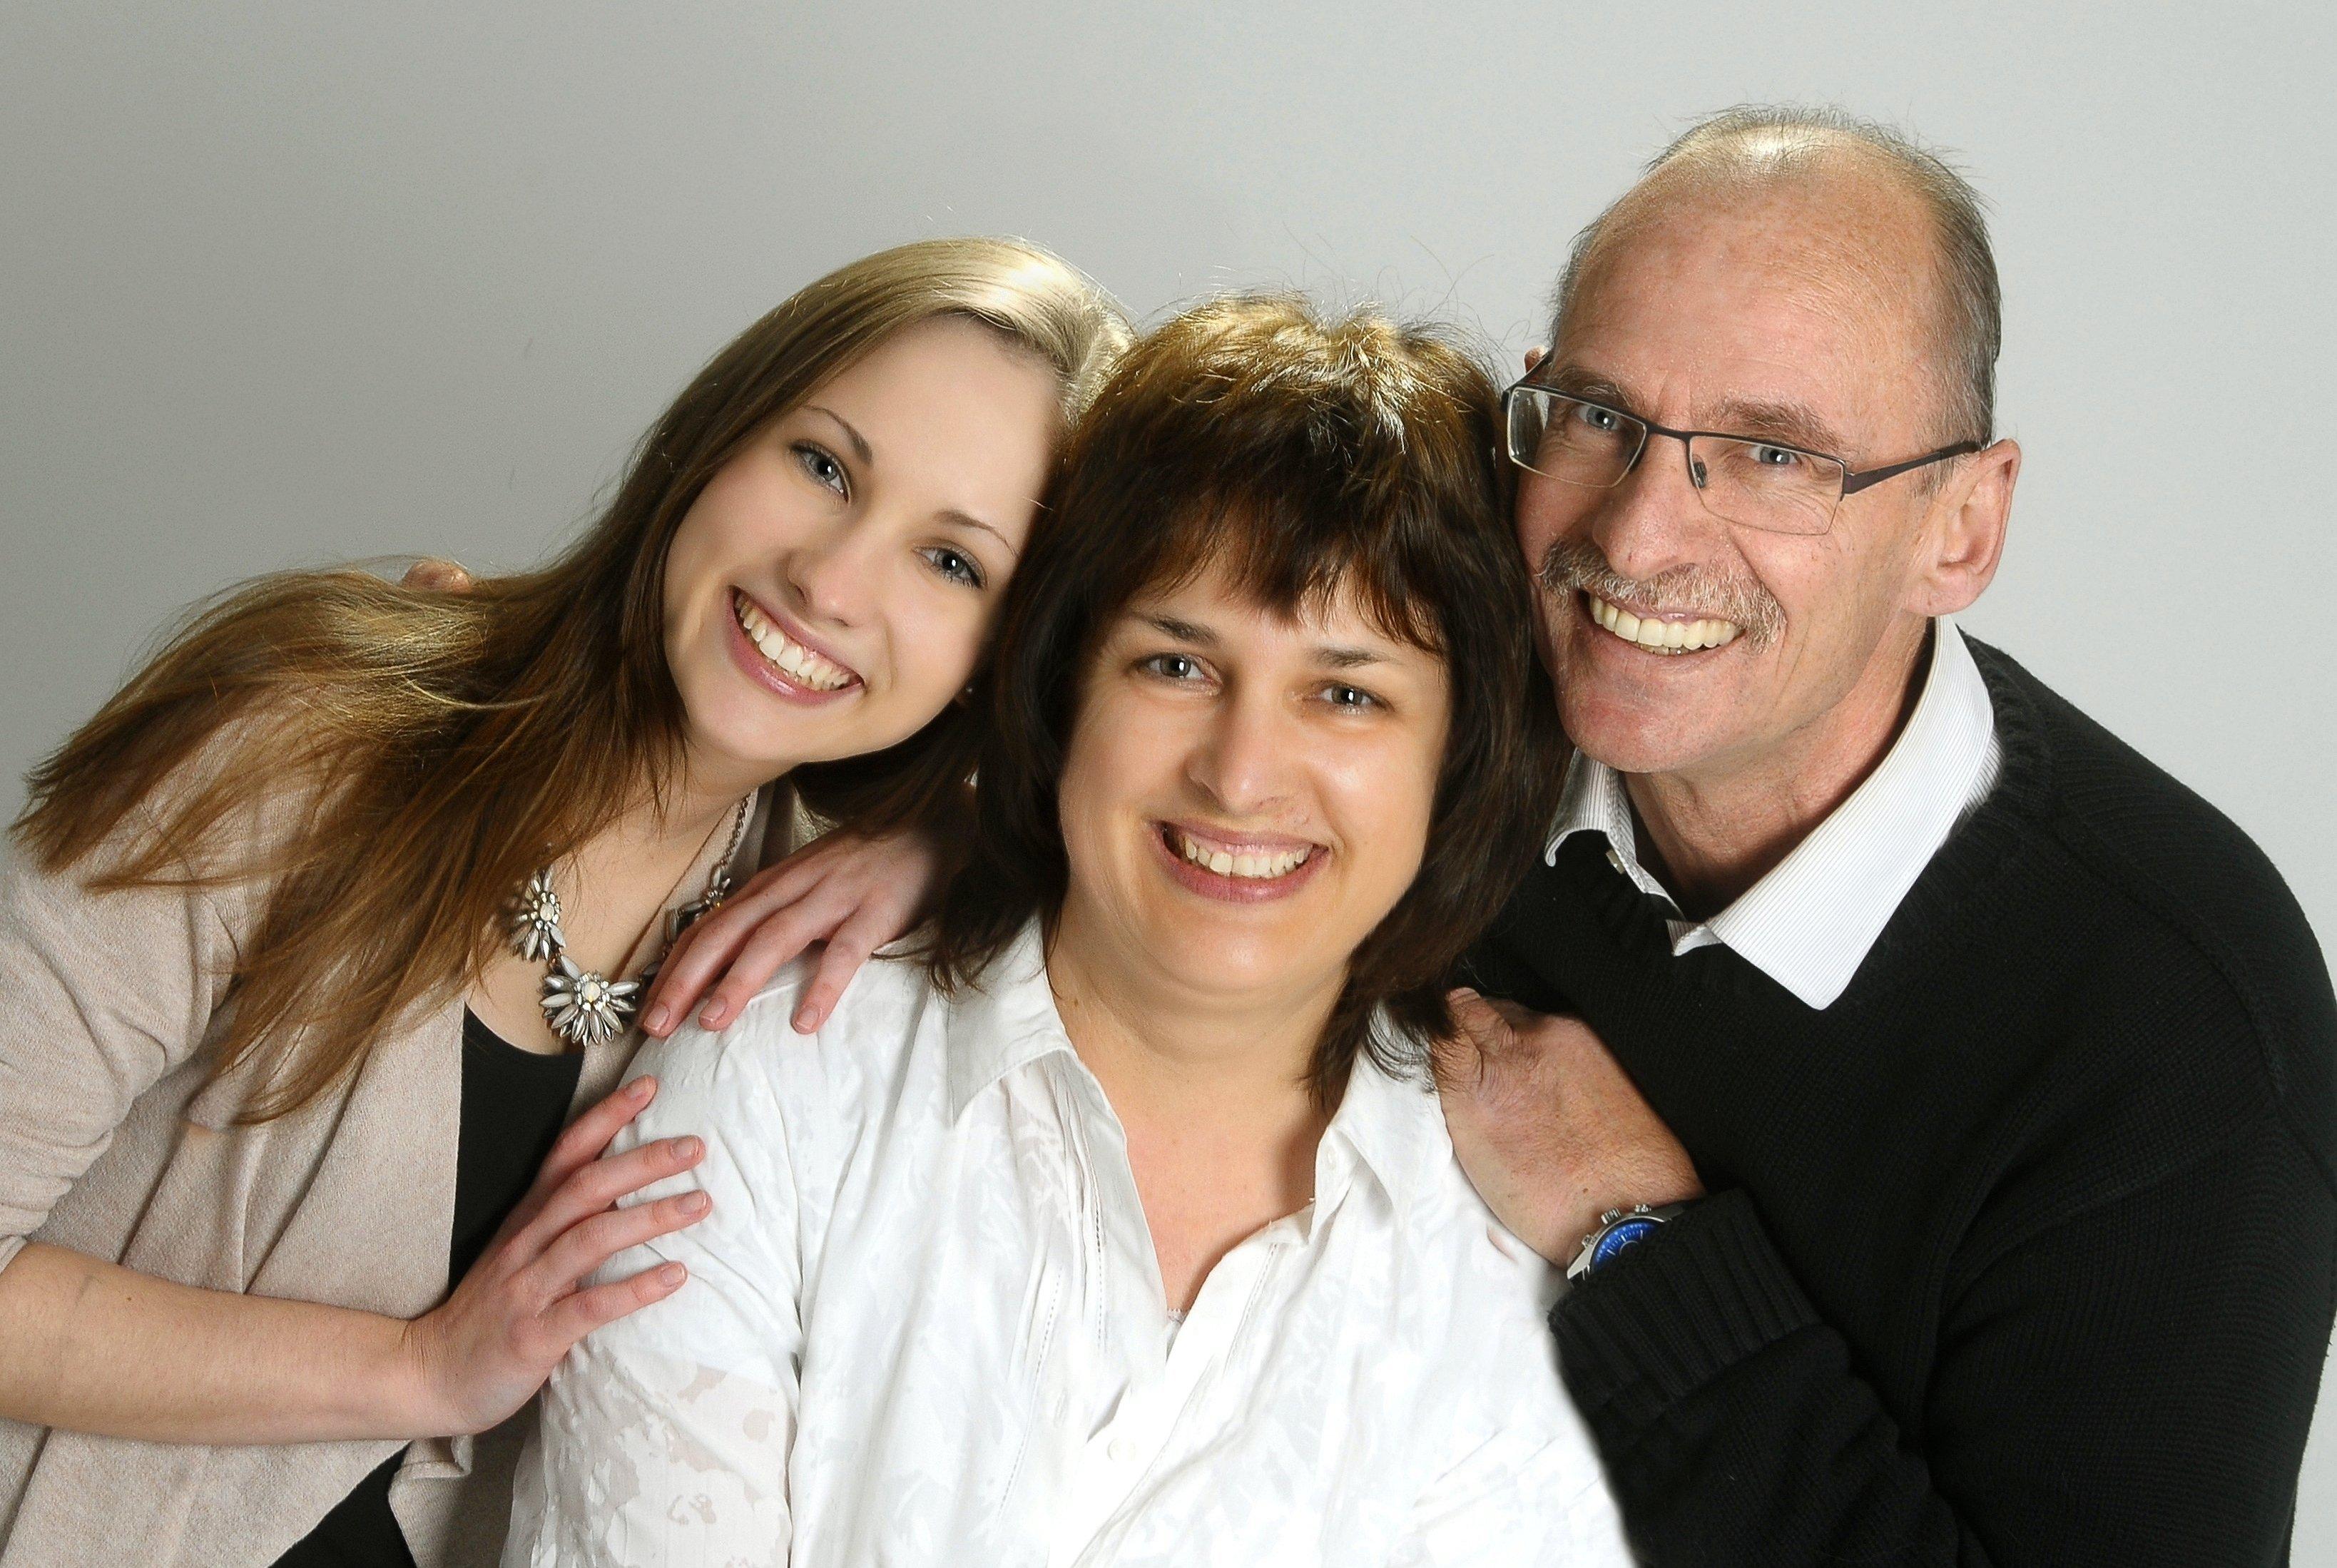 Sie sehen ein Familienfoto der Fotowerkstatt Lich - ihrem Profifotograf bei Giessen